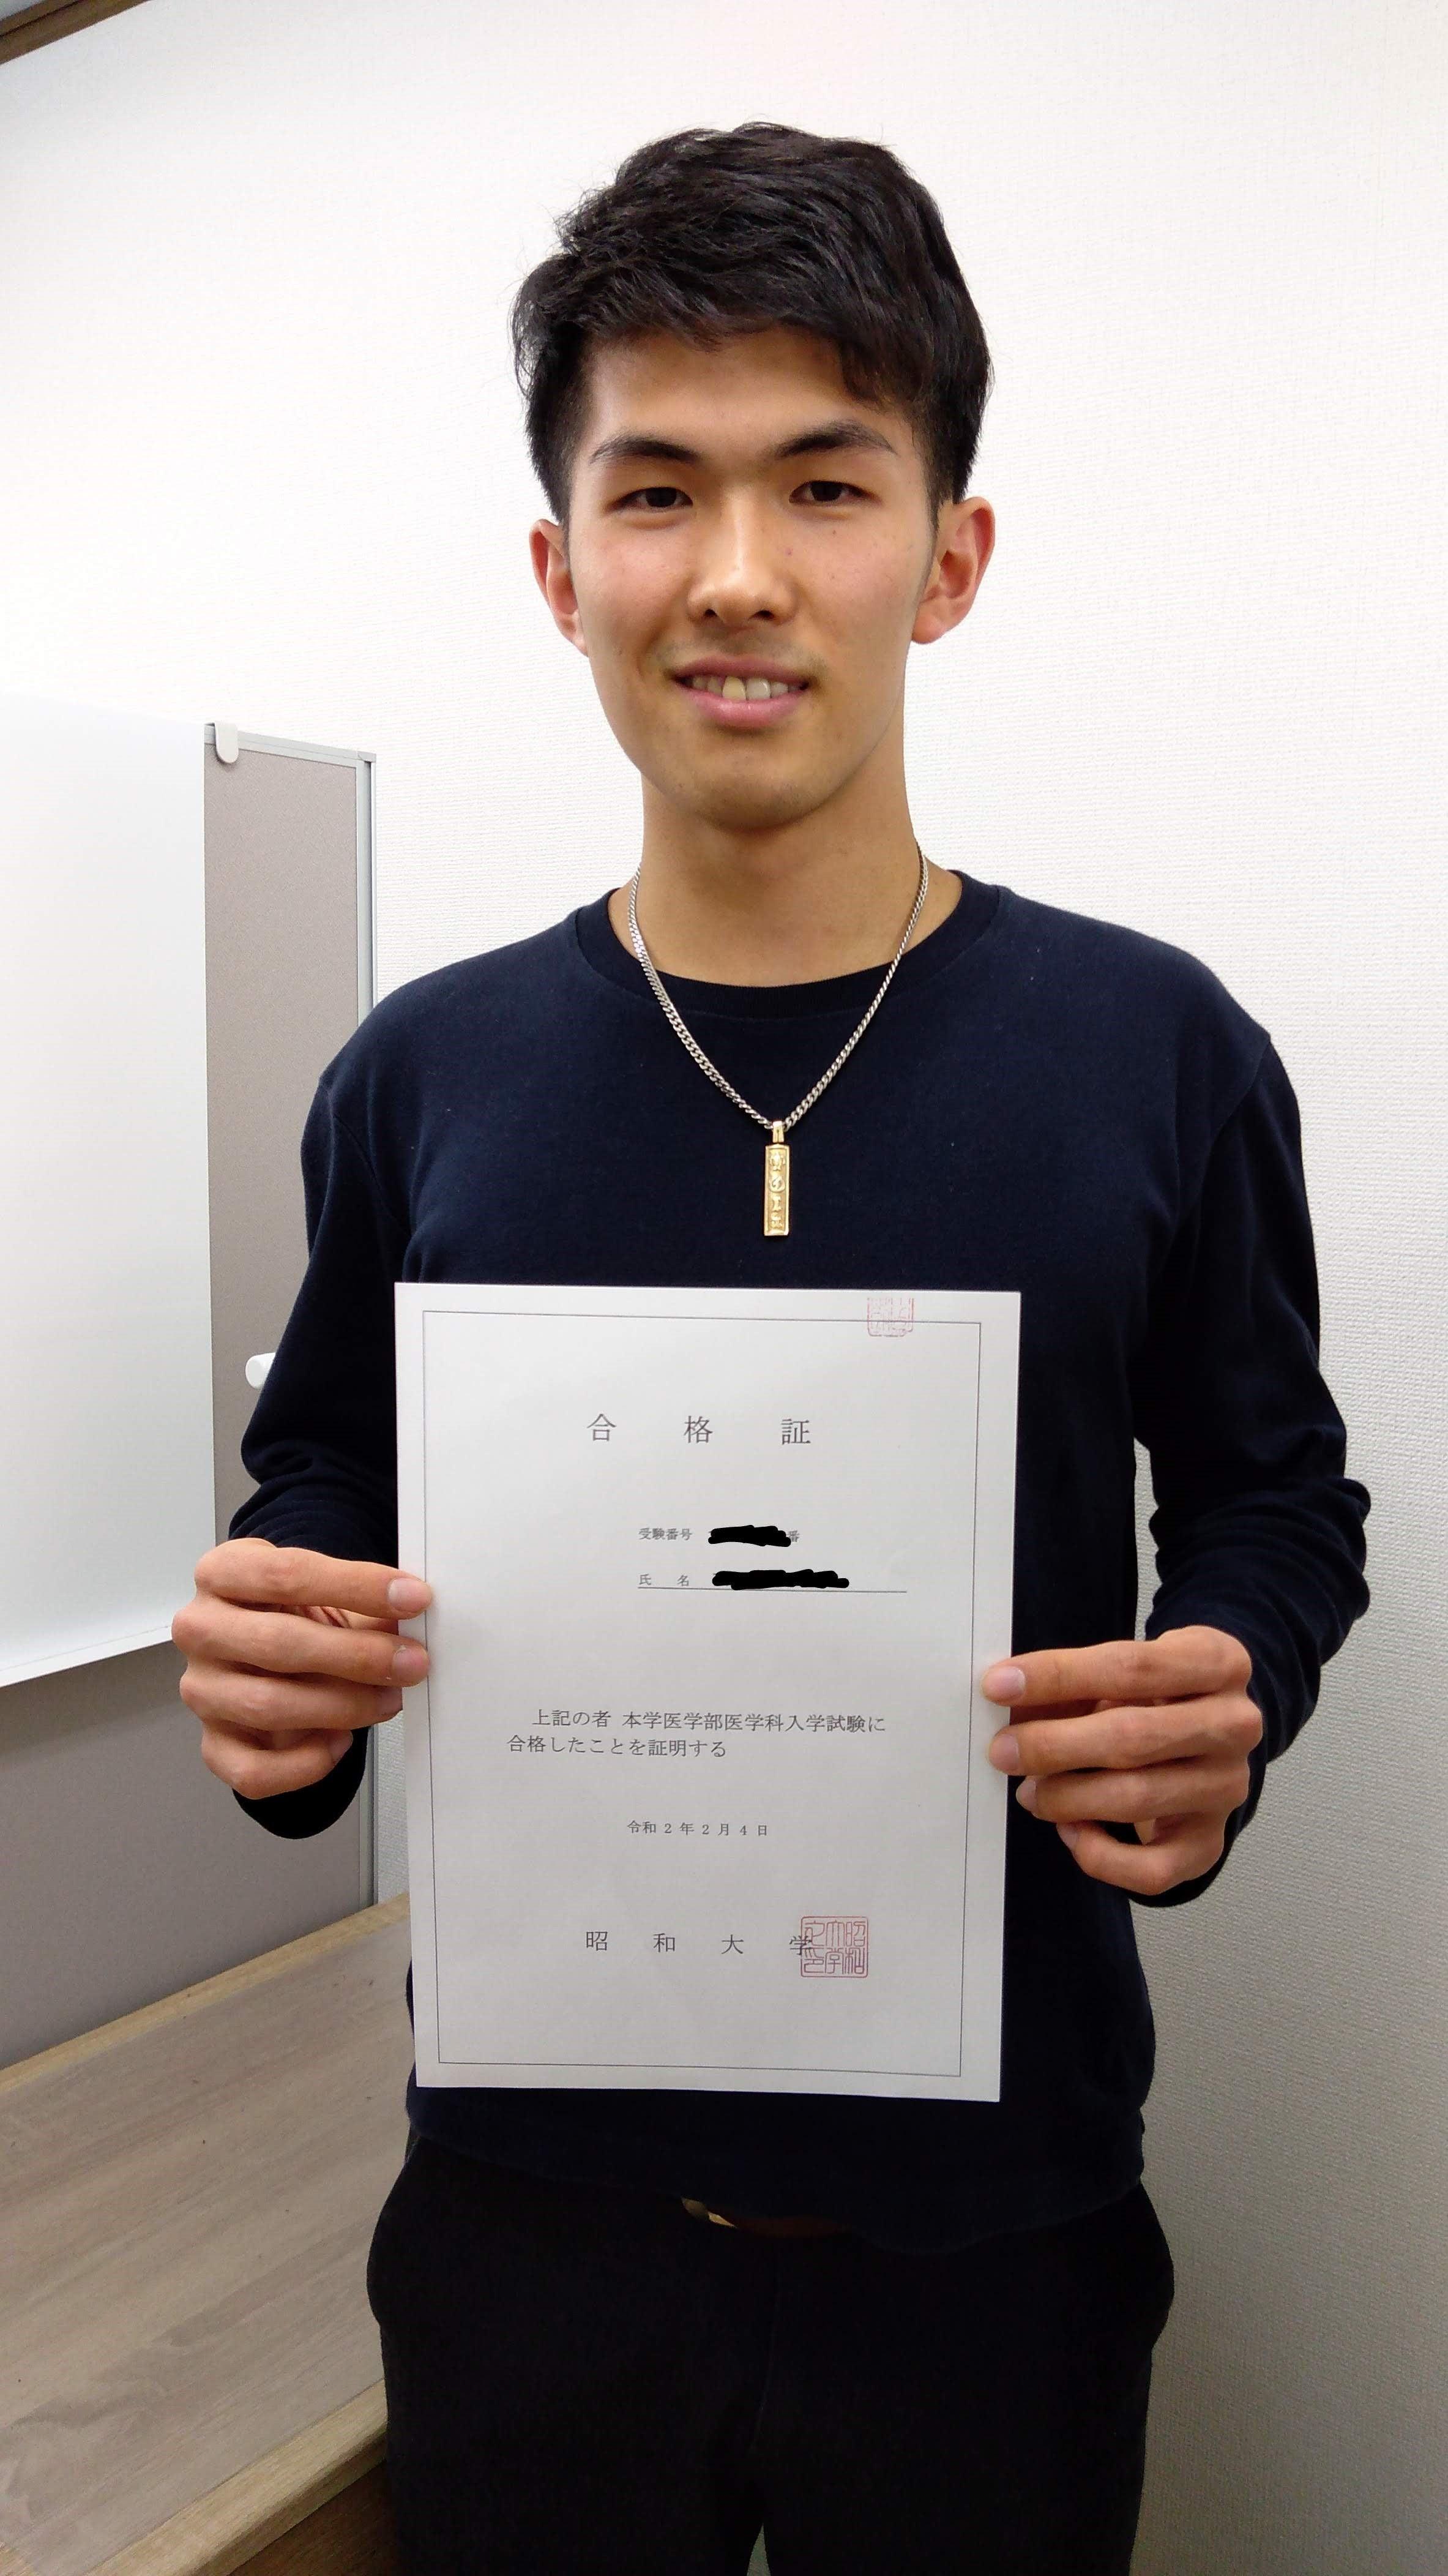 発表 昭和 大学 合格